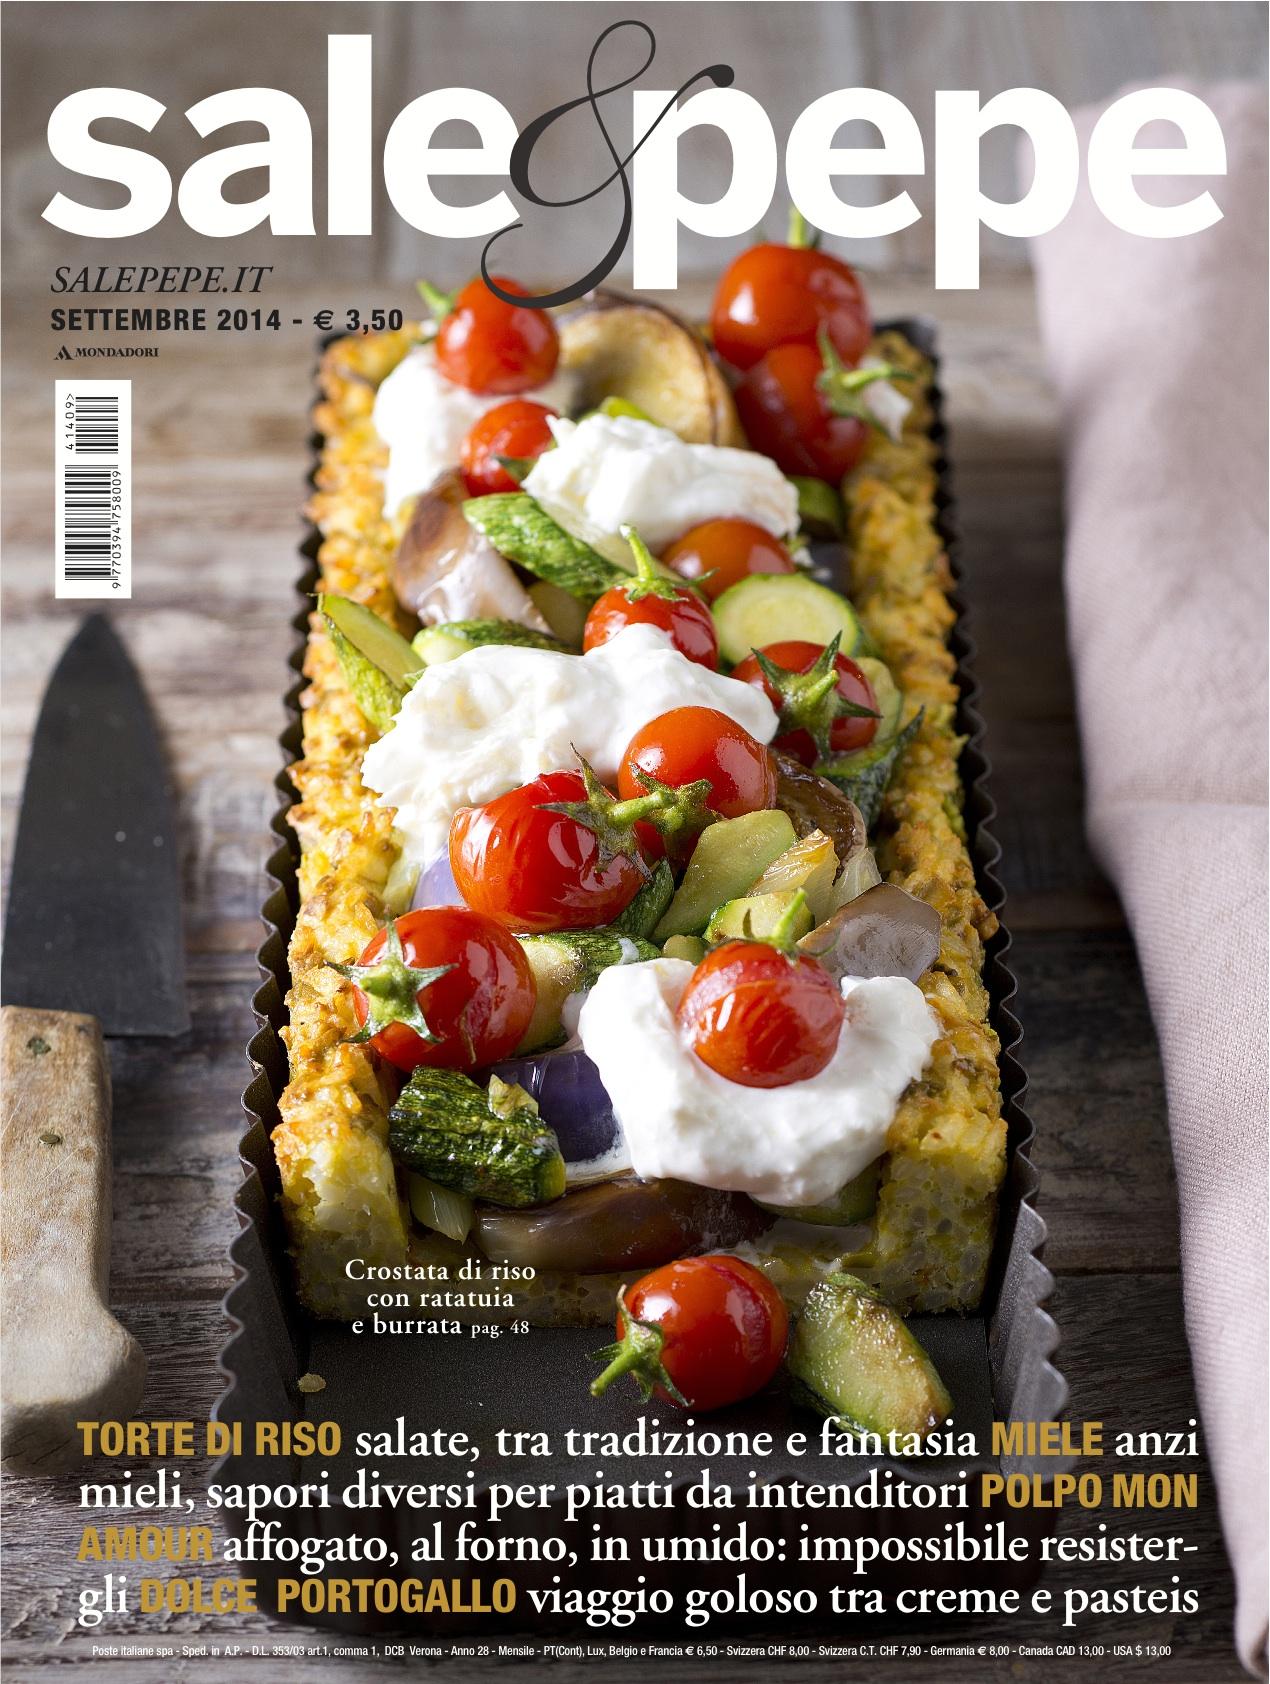 Sp9 copertina torta riso